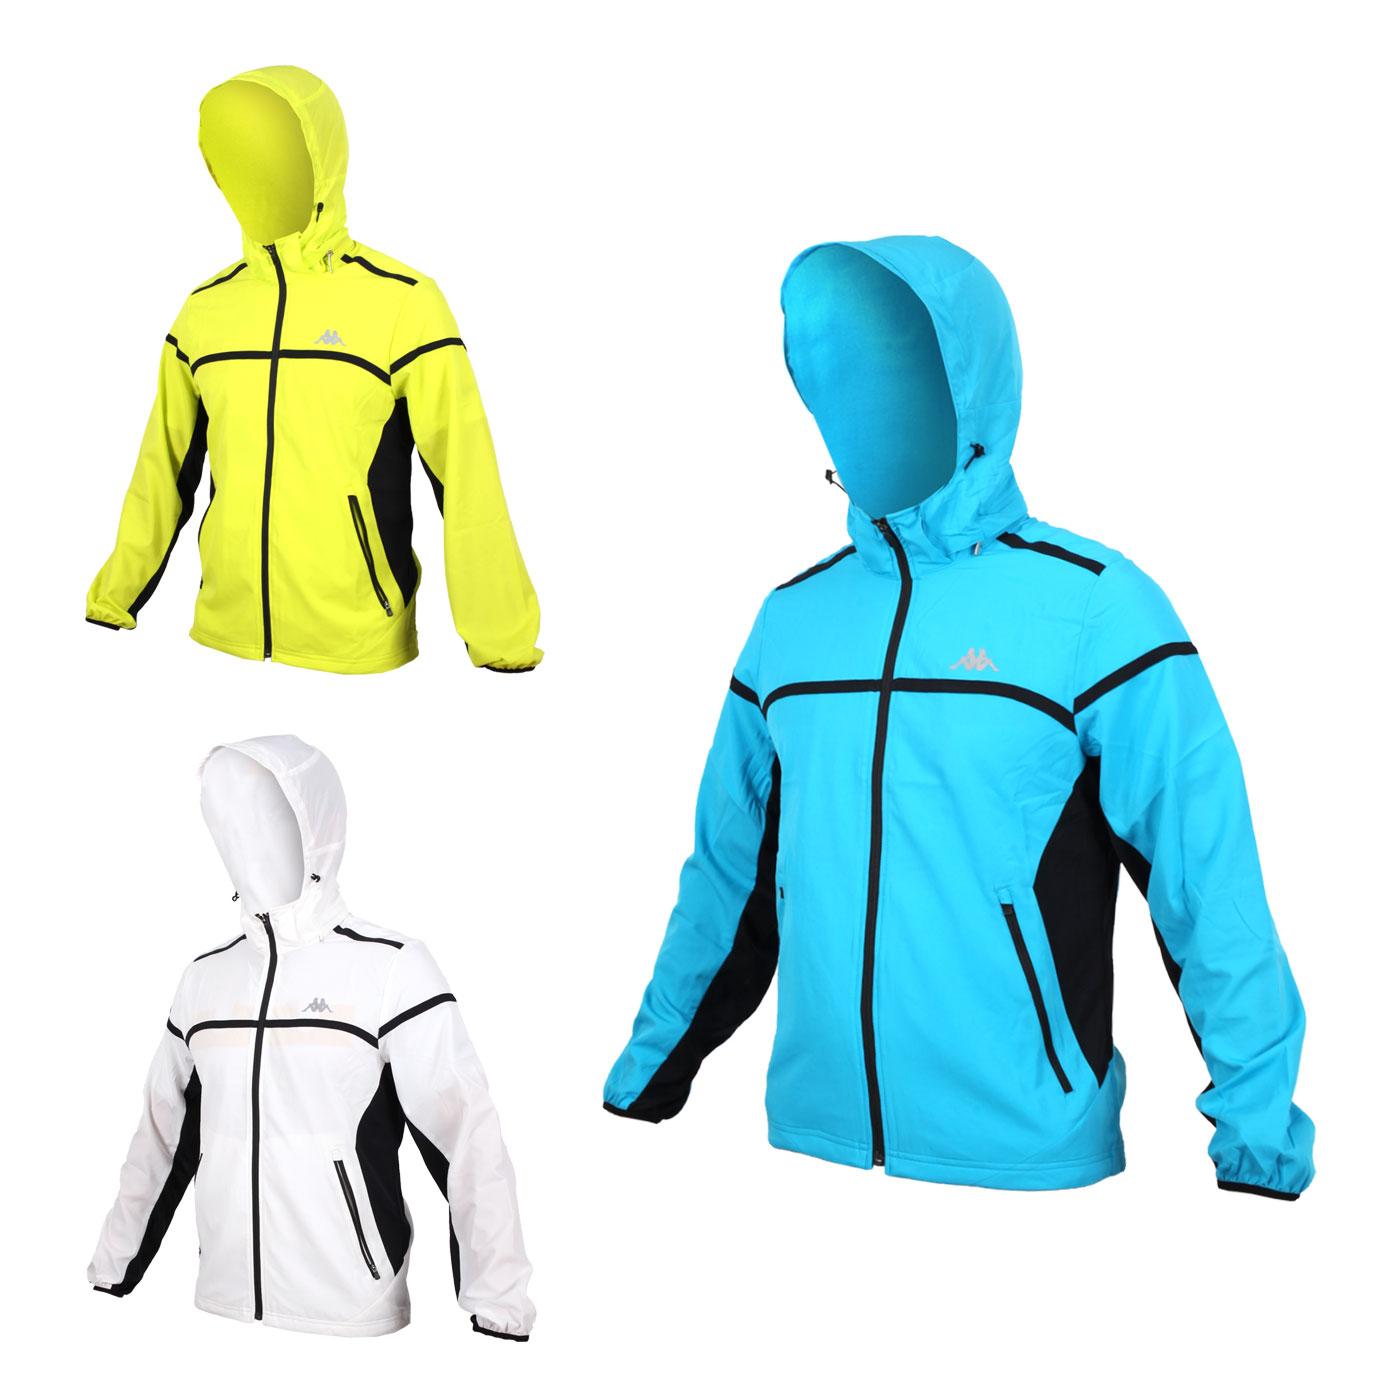 KAPPA 男單層風衣外套 (防風 立領 連帽外套 路跑 慢跑【03330667】≡排汗專家≡